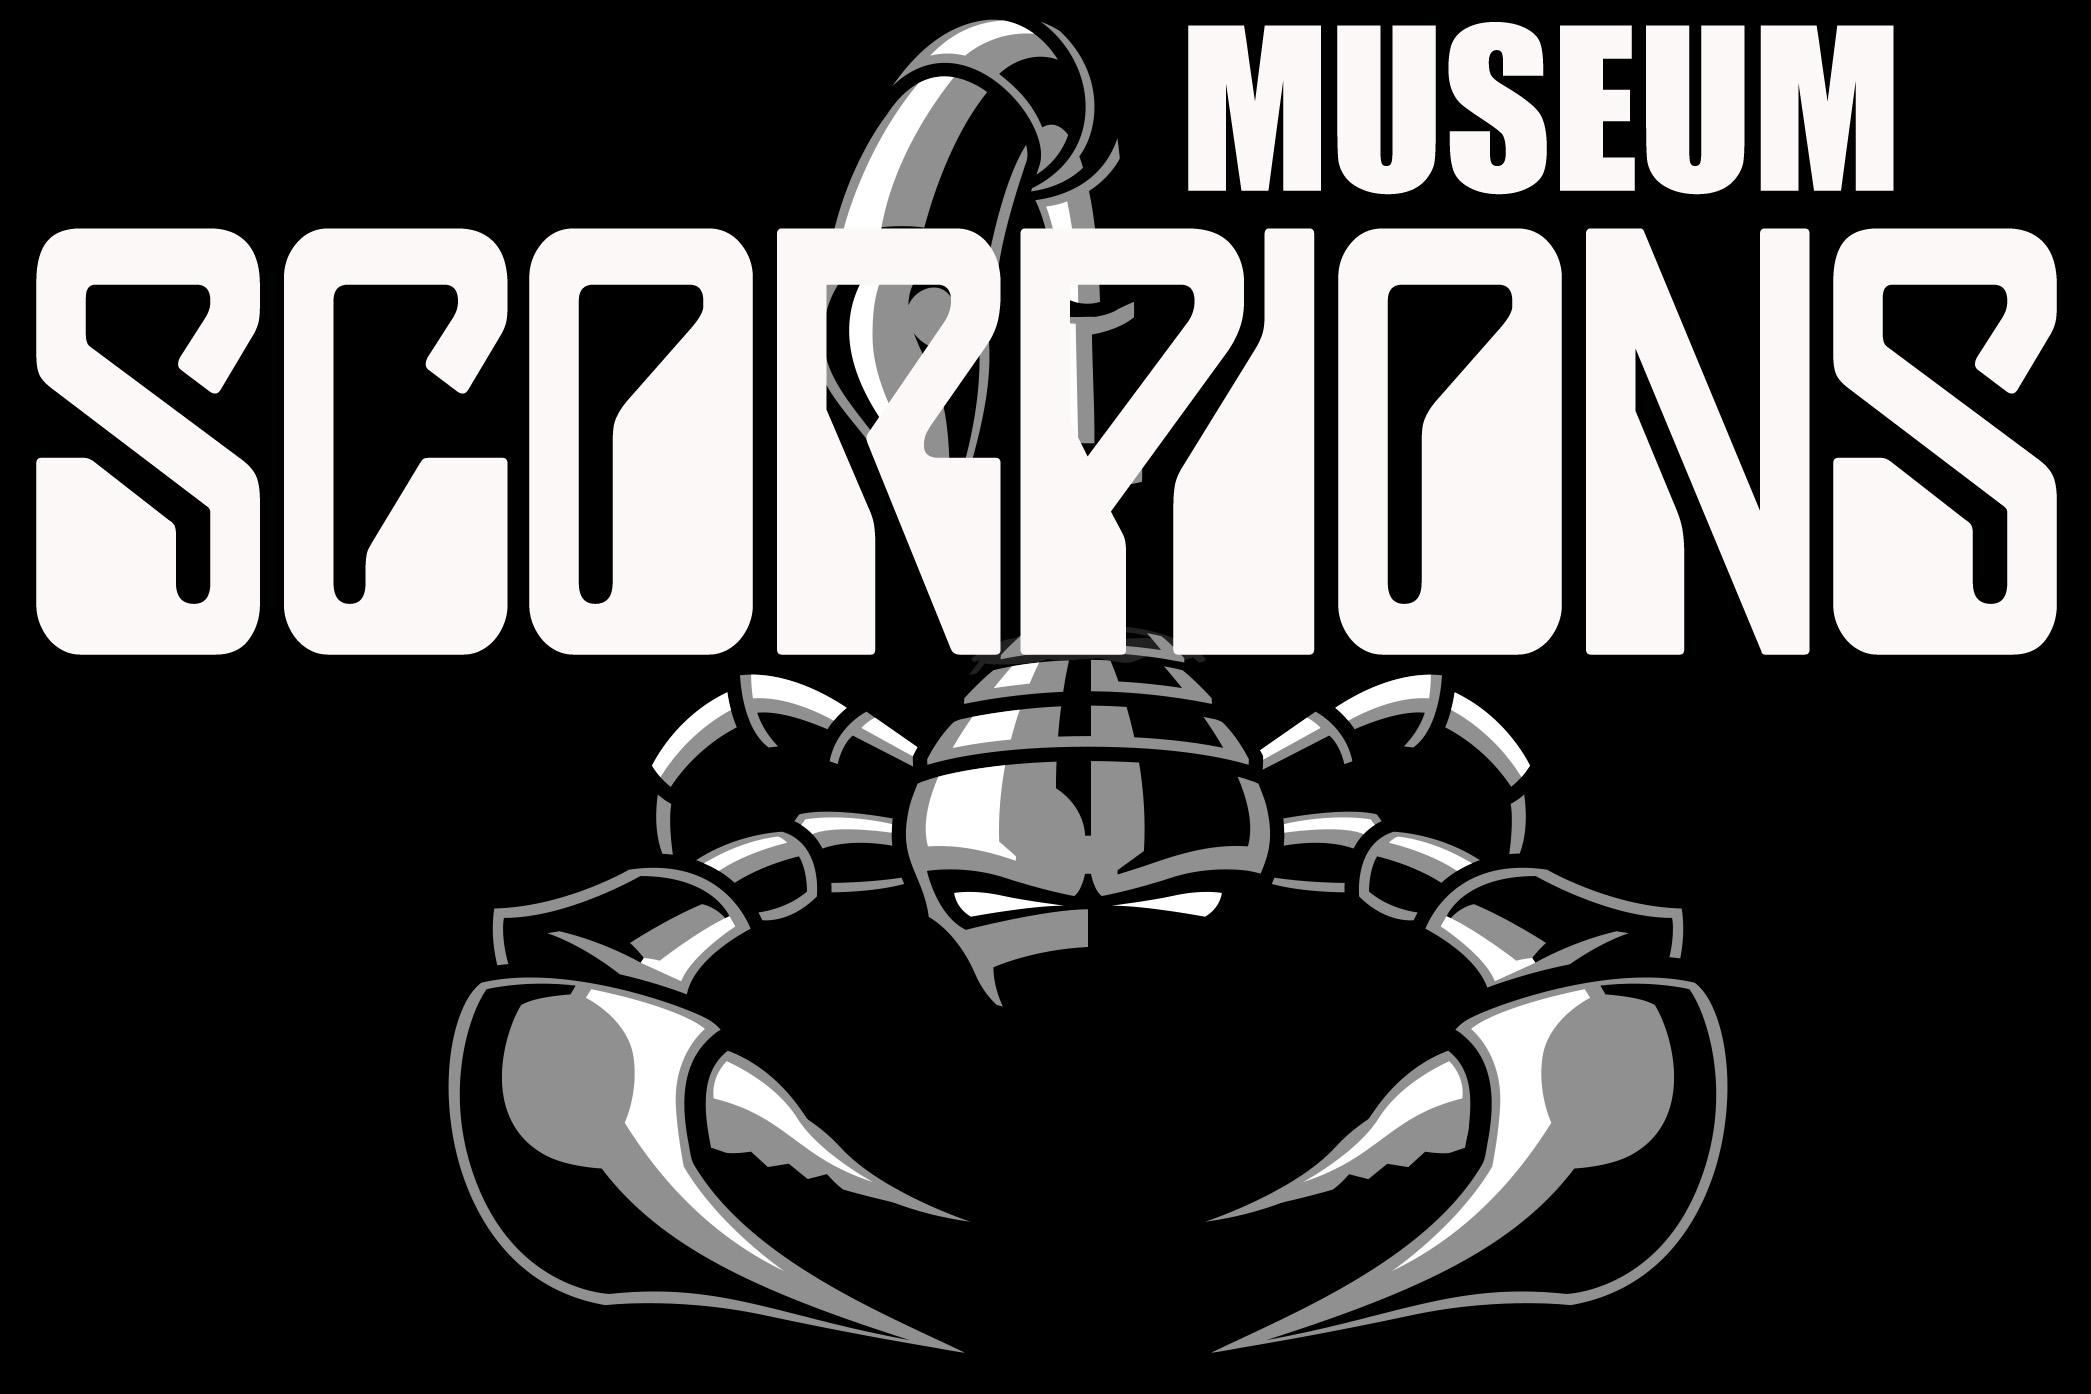 THE SCORPIONS MUSEUM IS OPEN ... (pour tout savoir de SCORPIONS) Sans_t10